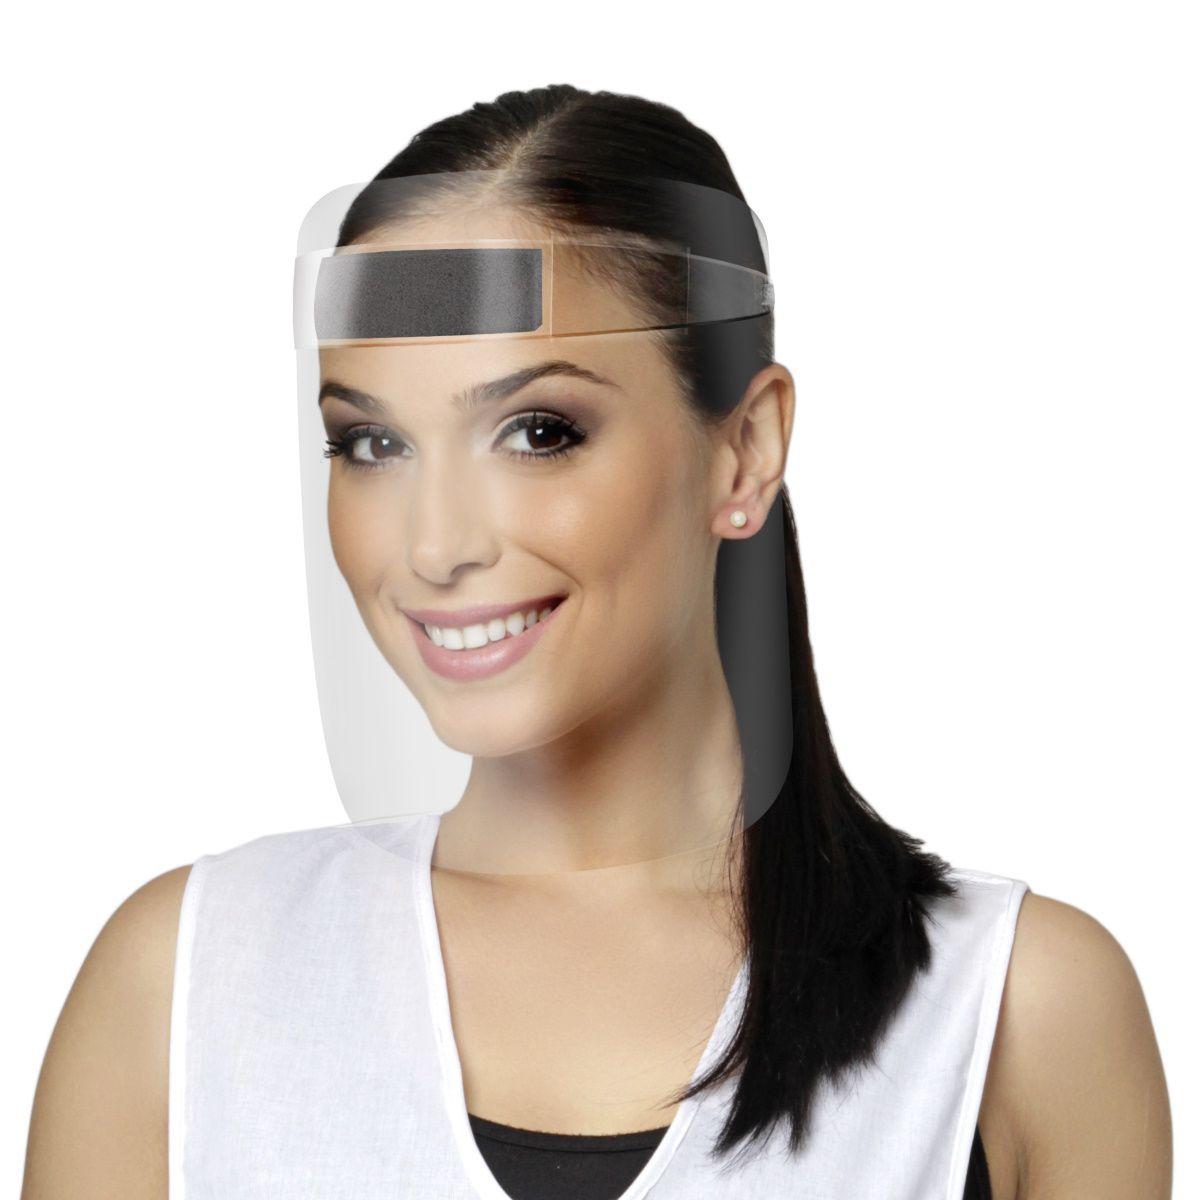 Máscara Facial Protetora 10 UN Anti Respingos e Gotículas - Santa Clara EAN 7897169253469